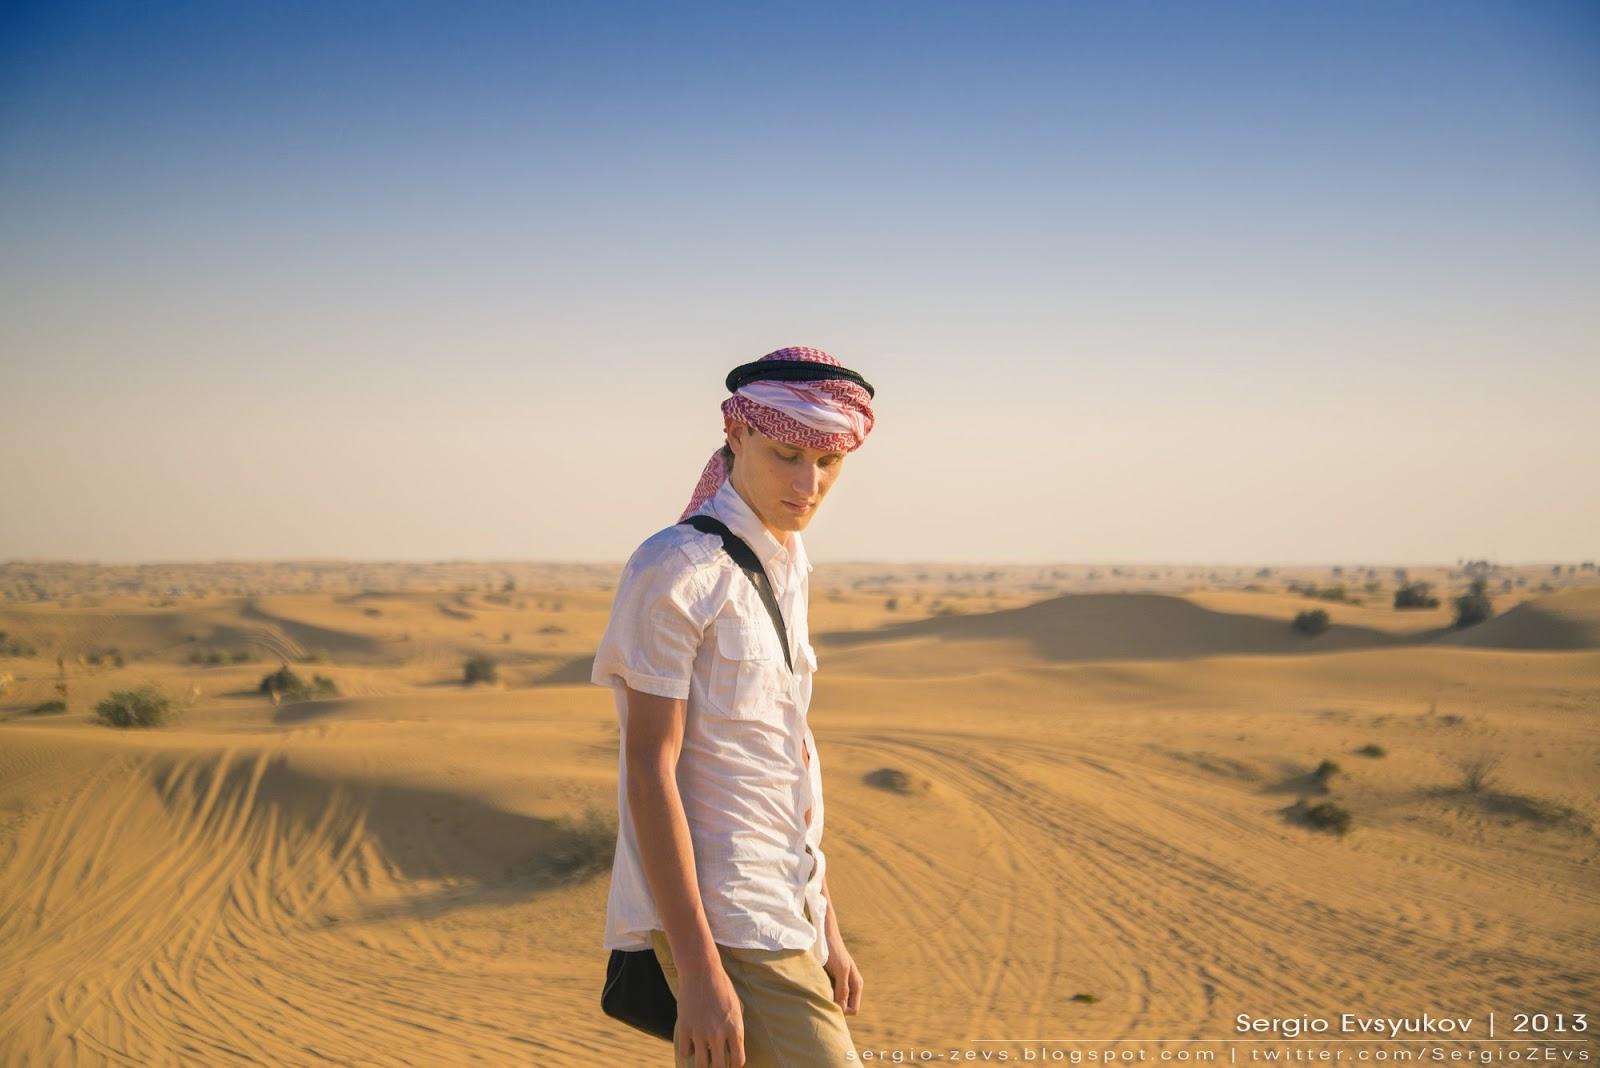 Сафари, Эмираты, ОАЭ, Дубай, экскурсия, Руб-эль-Хали, турист, экстрим,